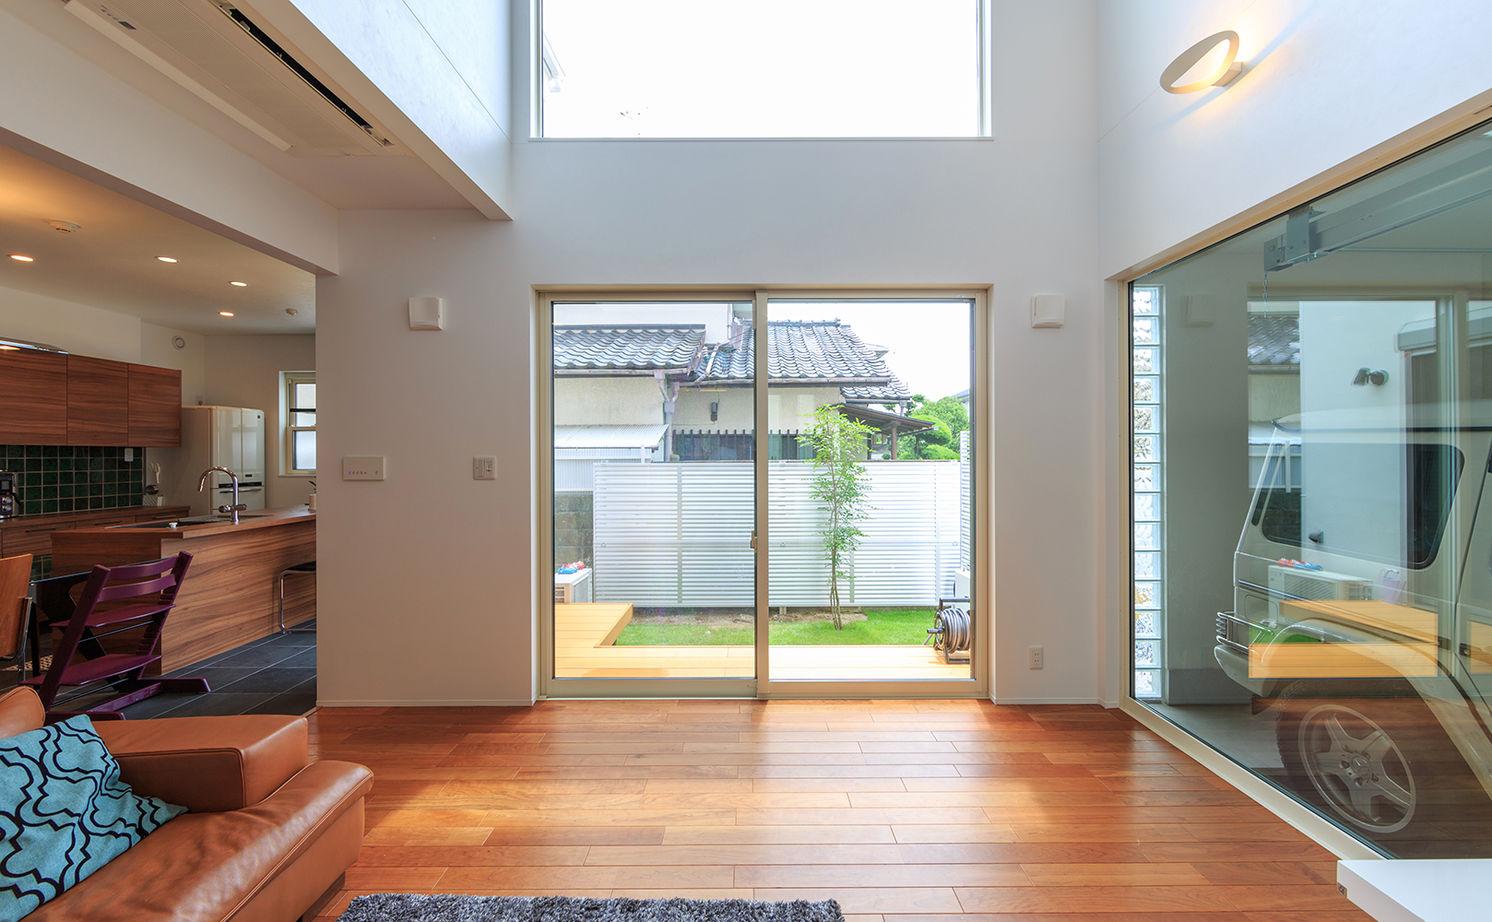 【2500~3000万円】彩り鮮やかで上品なインテリアで空間をデザイン。ガラス張りのインナーガレージのある家画像2